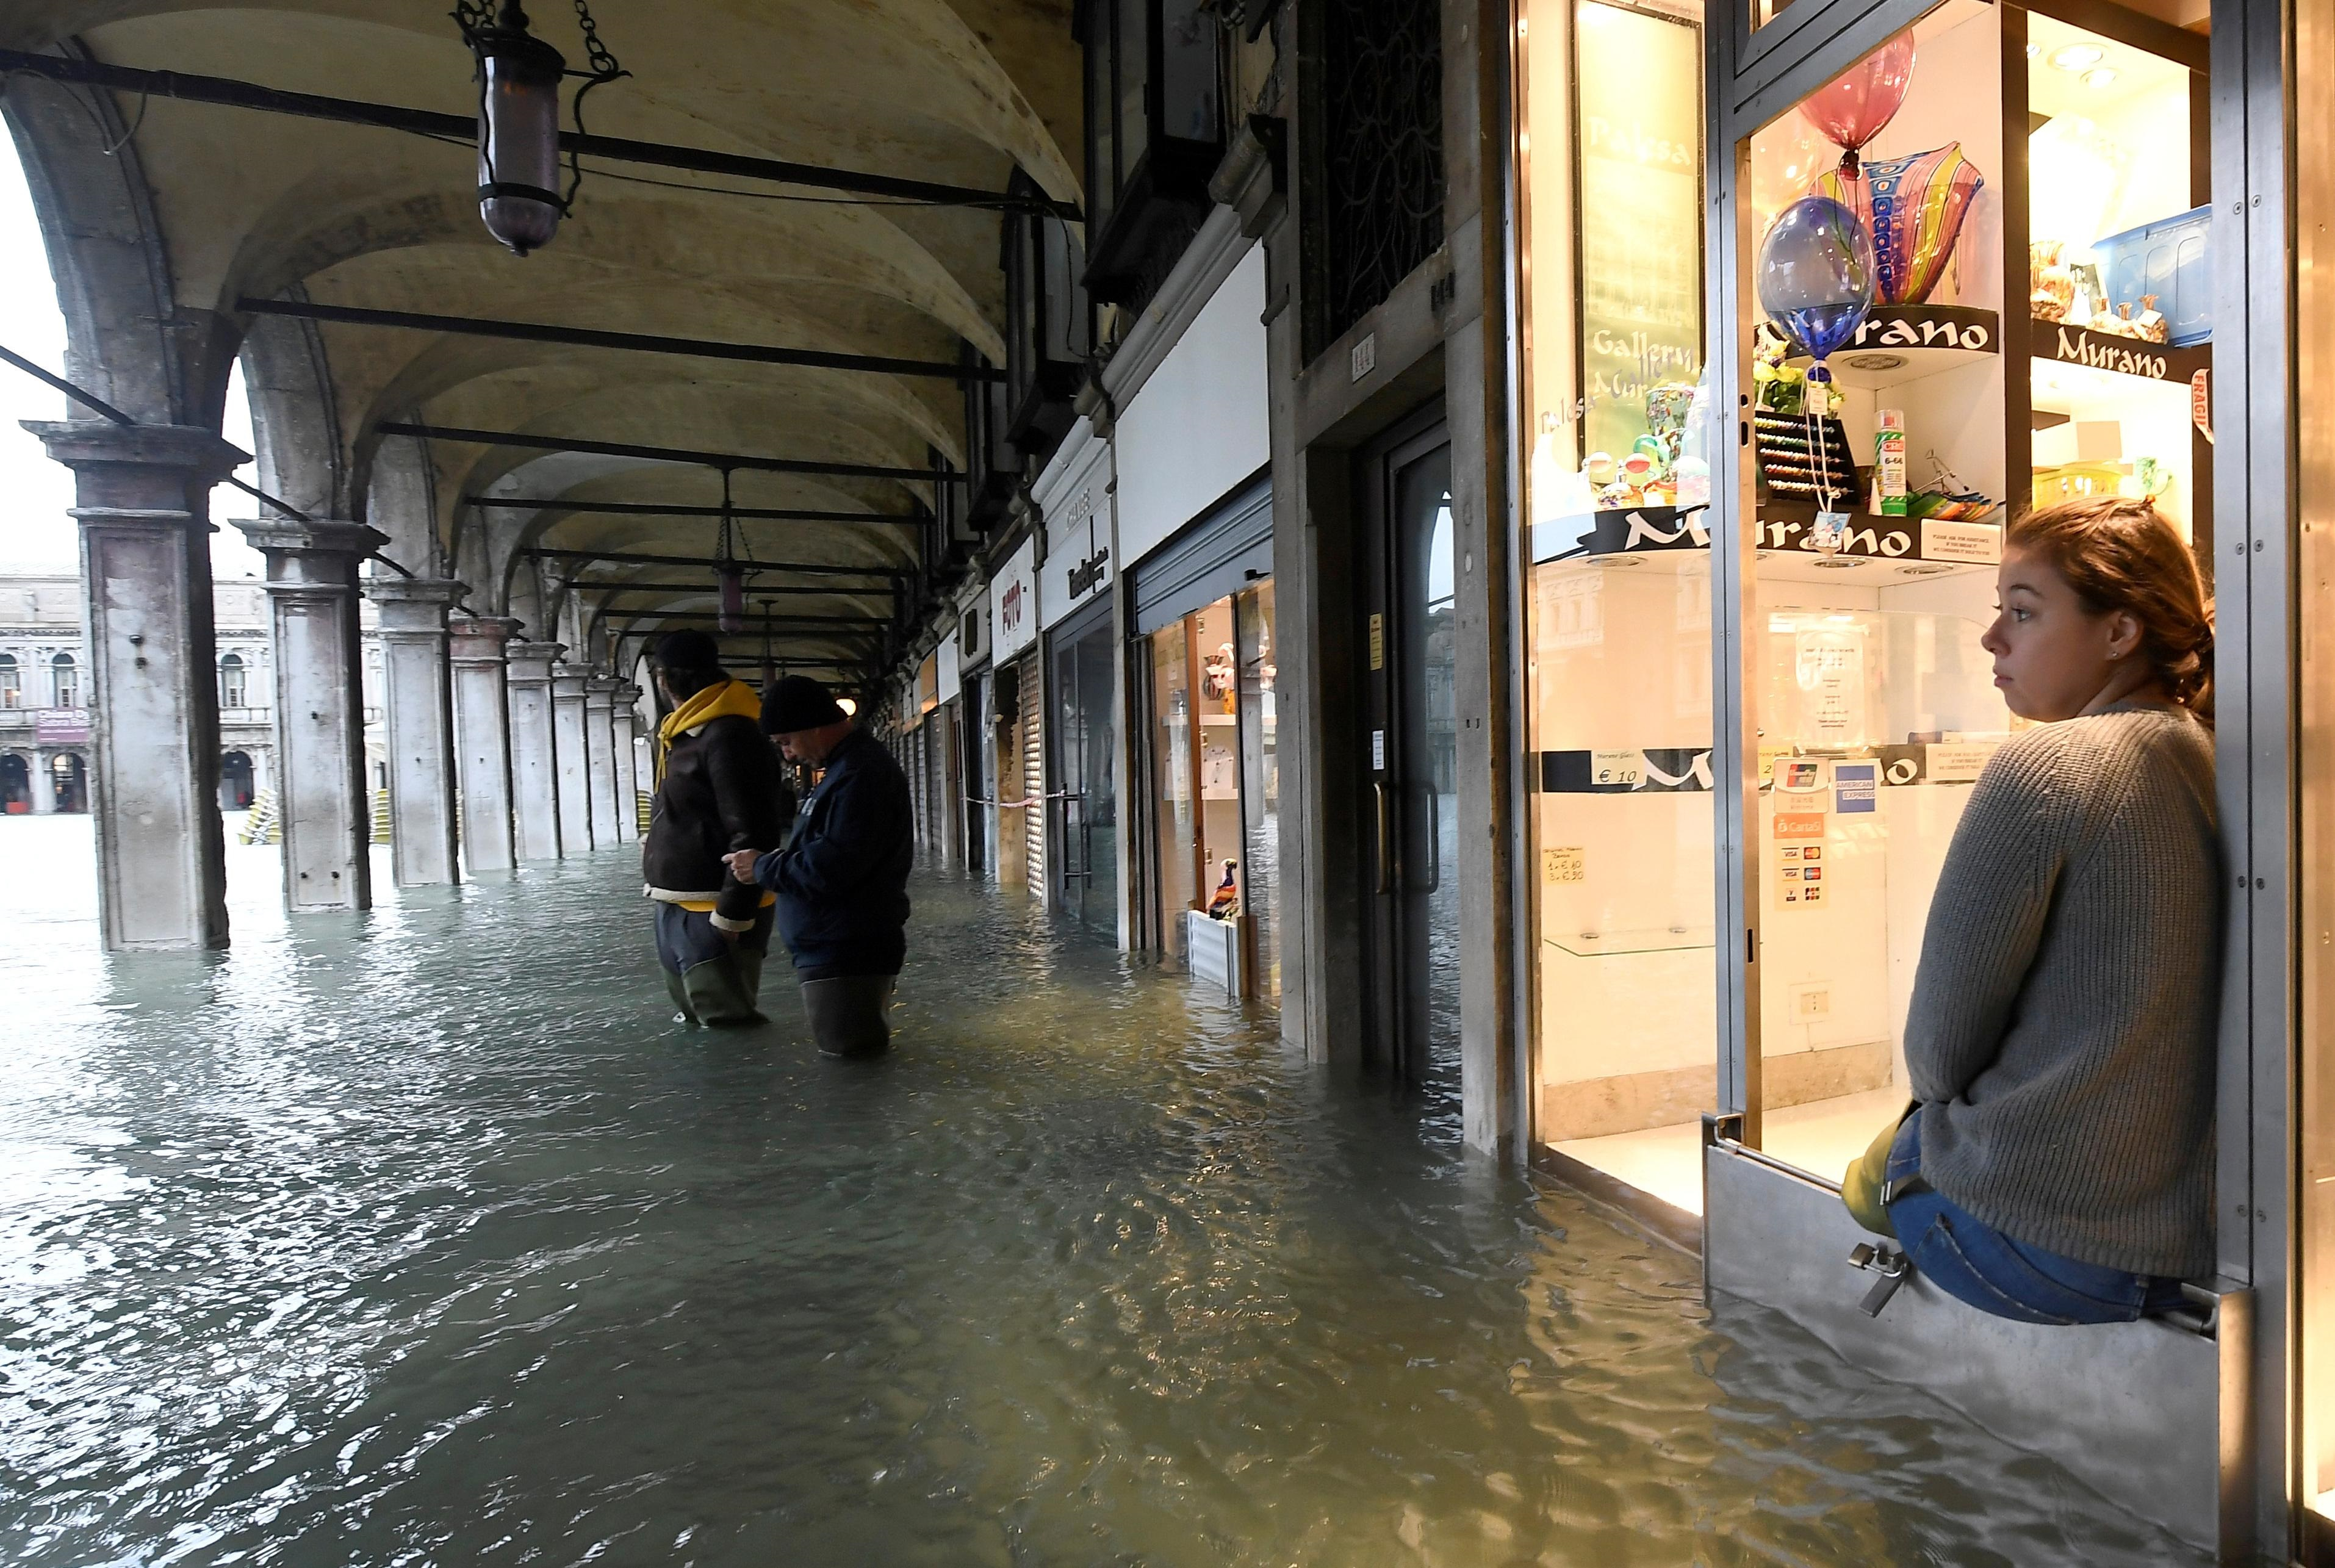 Biến đổi khí hậu và hoạt động của con người đang khiến tình hình ở Venice trở nên trầm trọng hơn